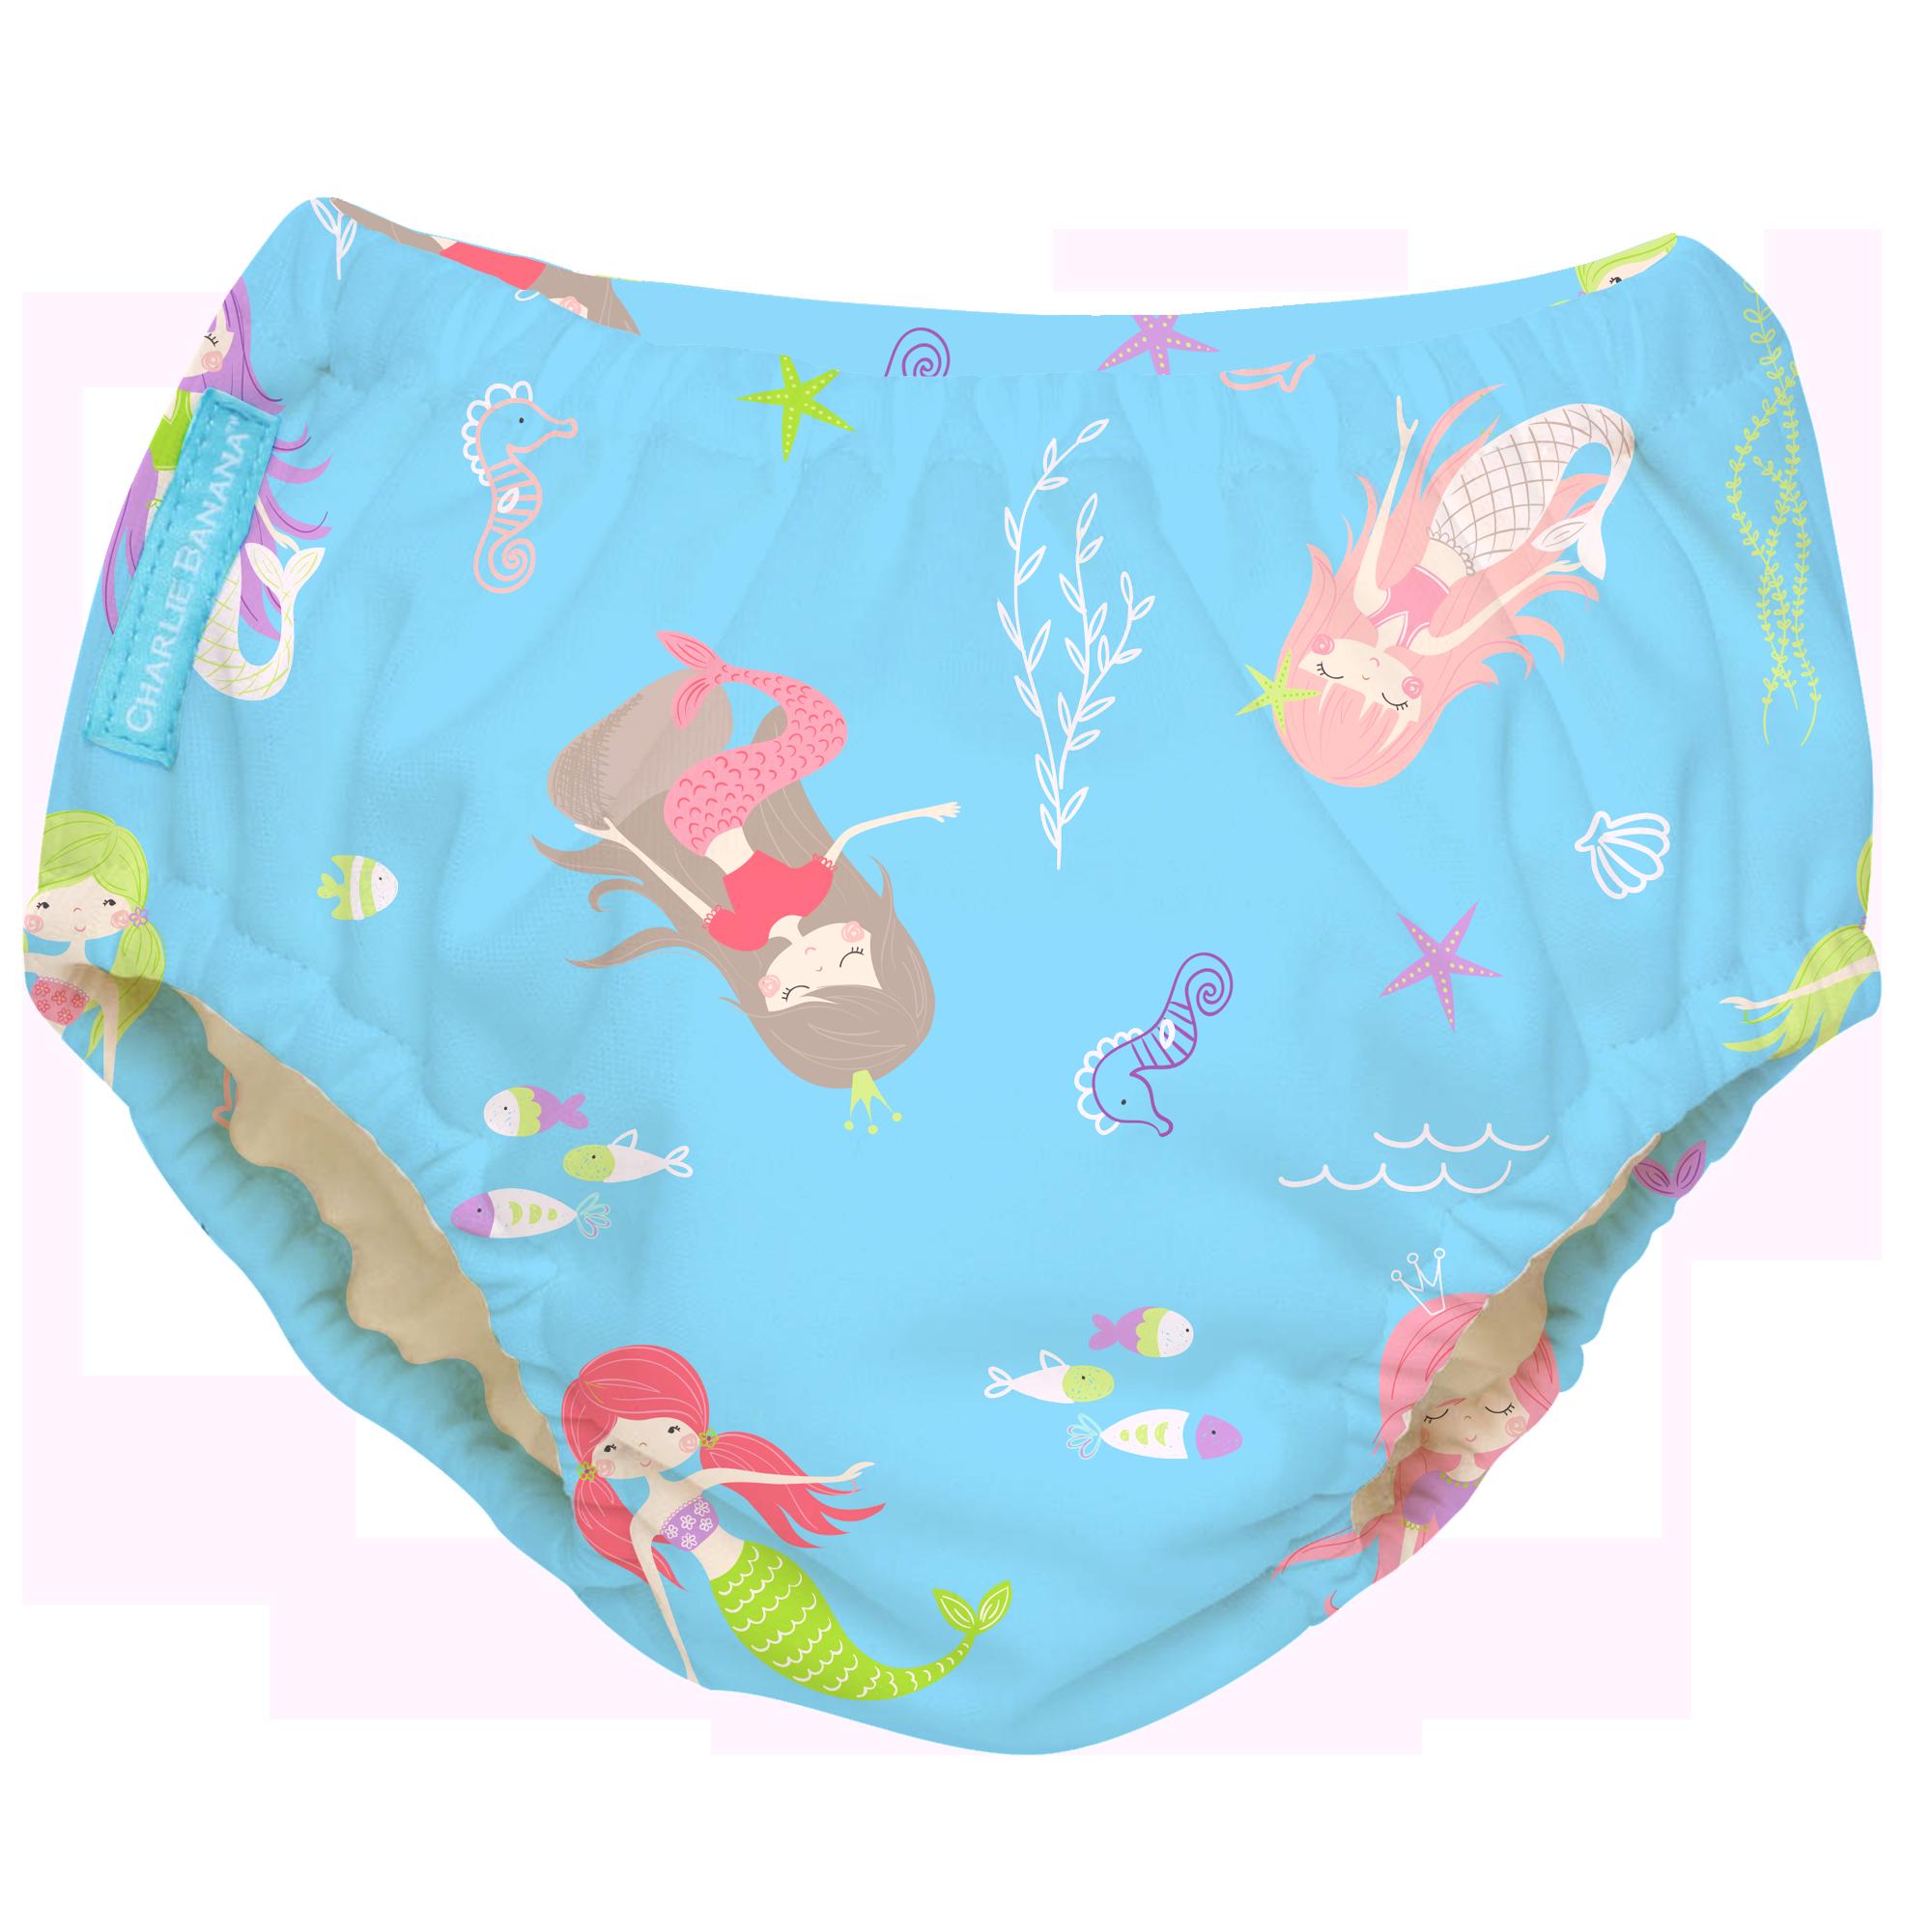 2-in-1 Schwimm- und Töpfchenhose Mermaid Tiffany